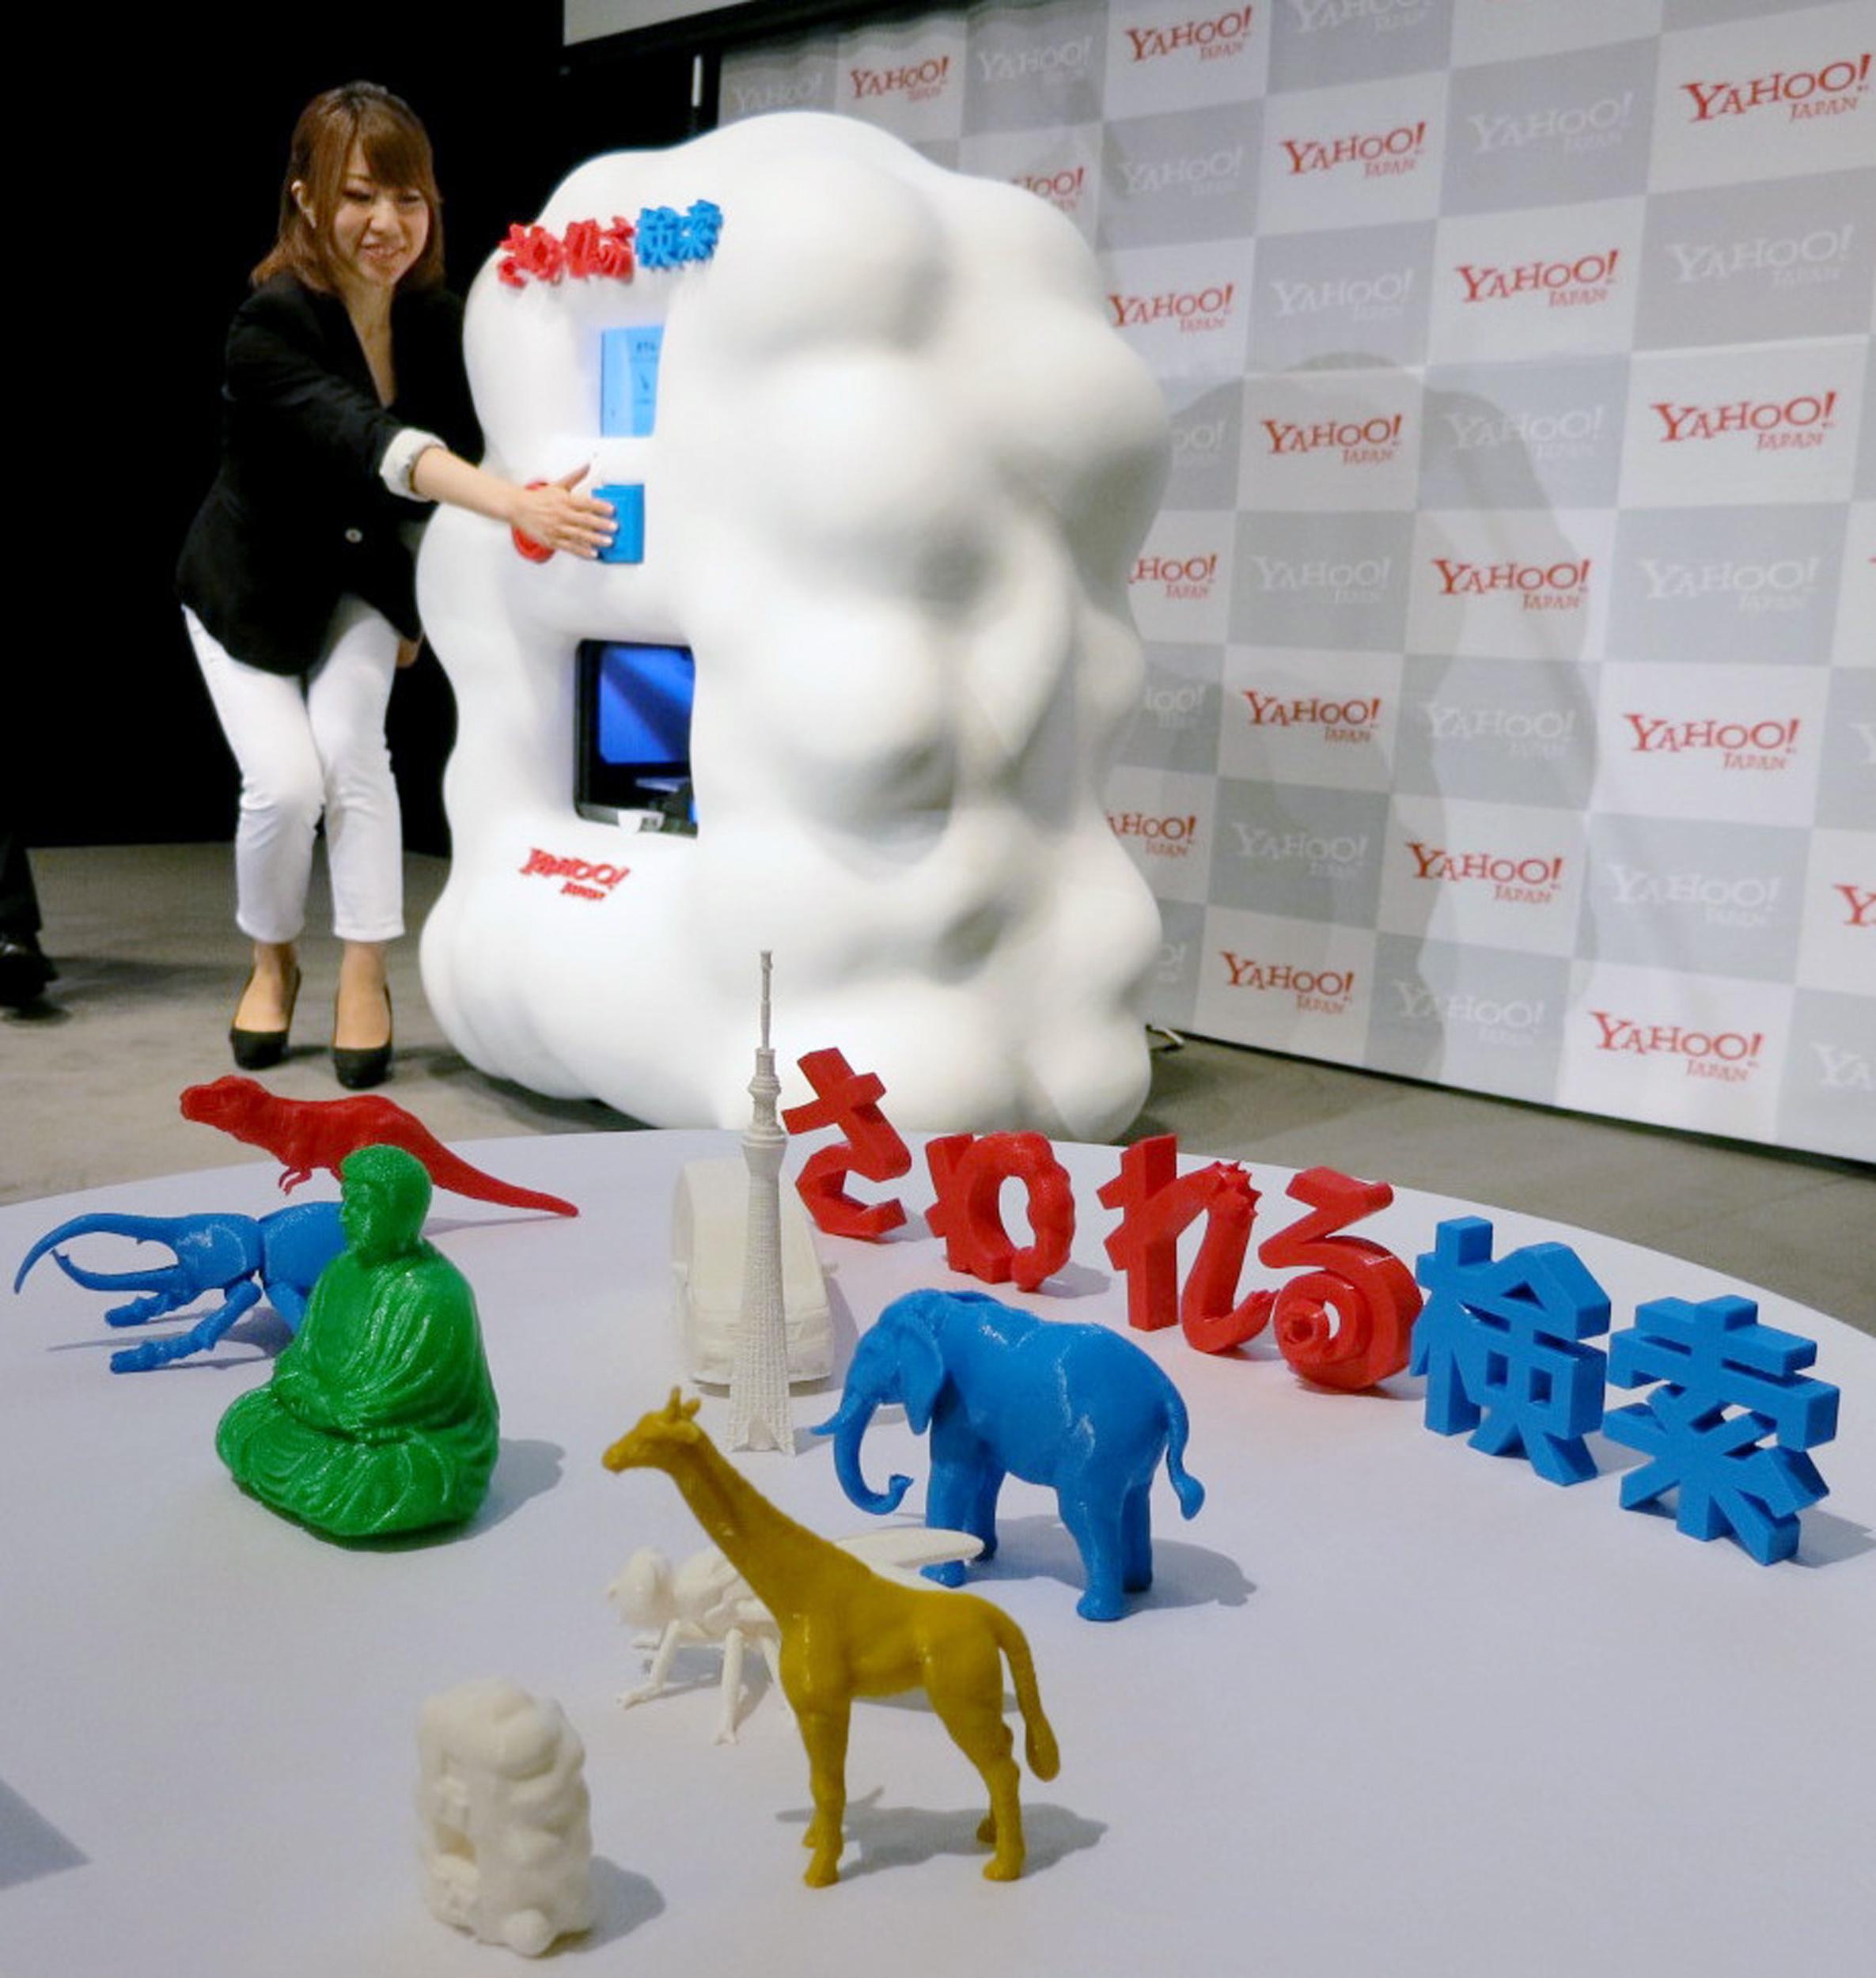 Démonstration d'une imprimante 3D au Japon © AFP PHOTO / JIJI PRESS JAPAN OUT